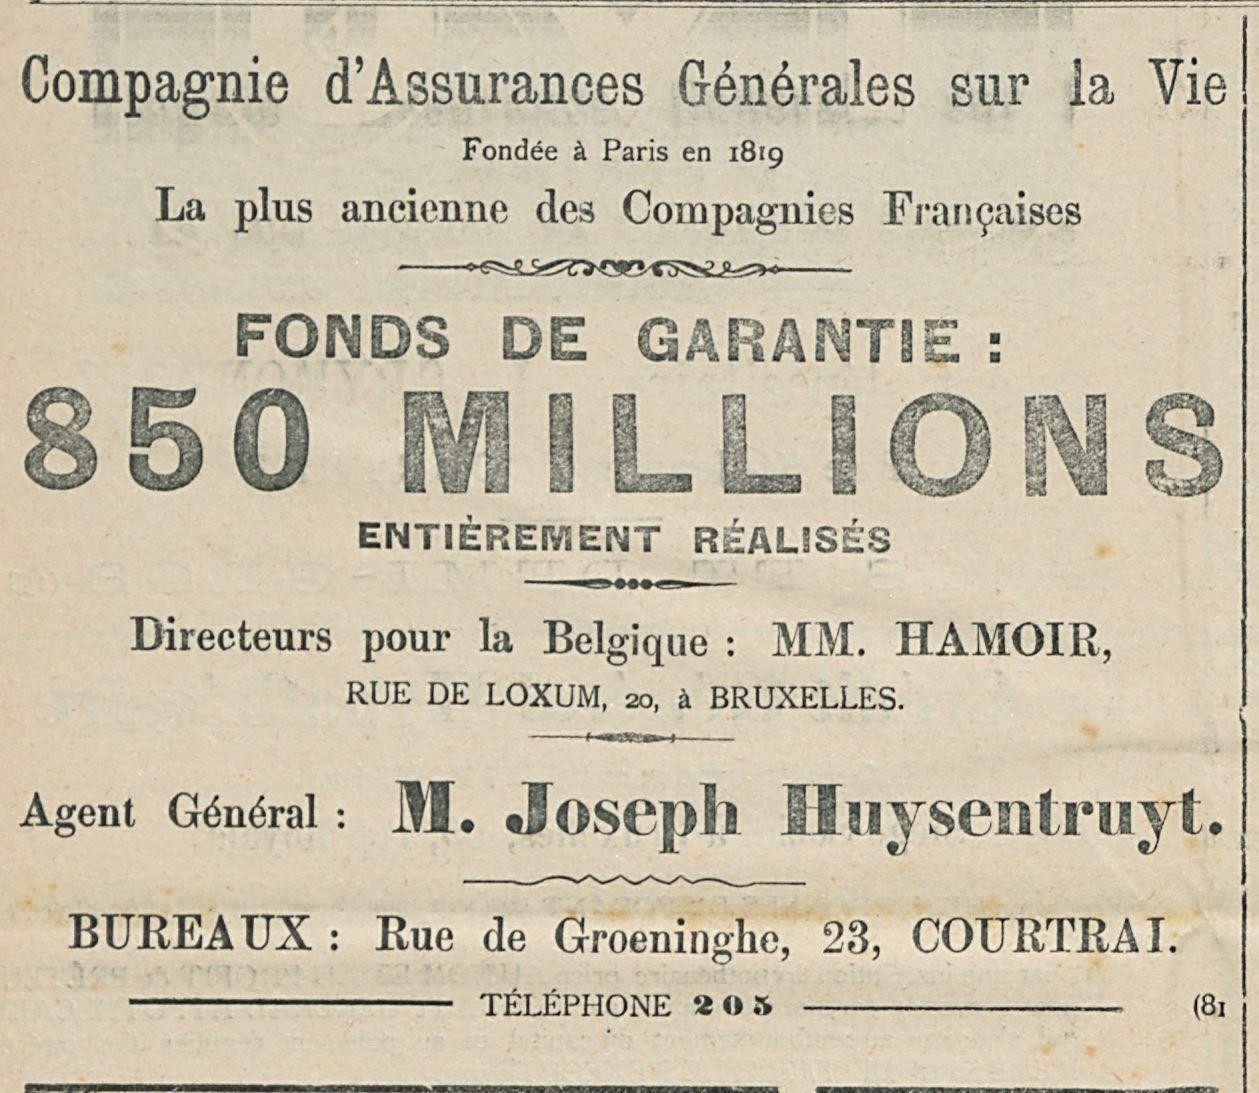 Compagnie d'Assurances Grenerales